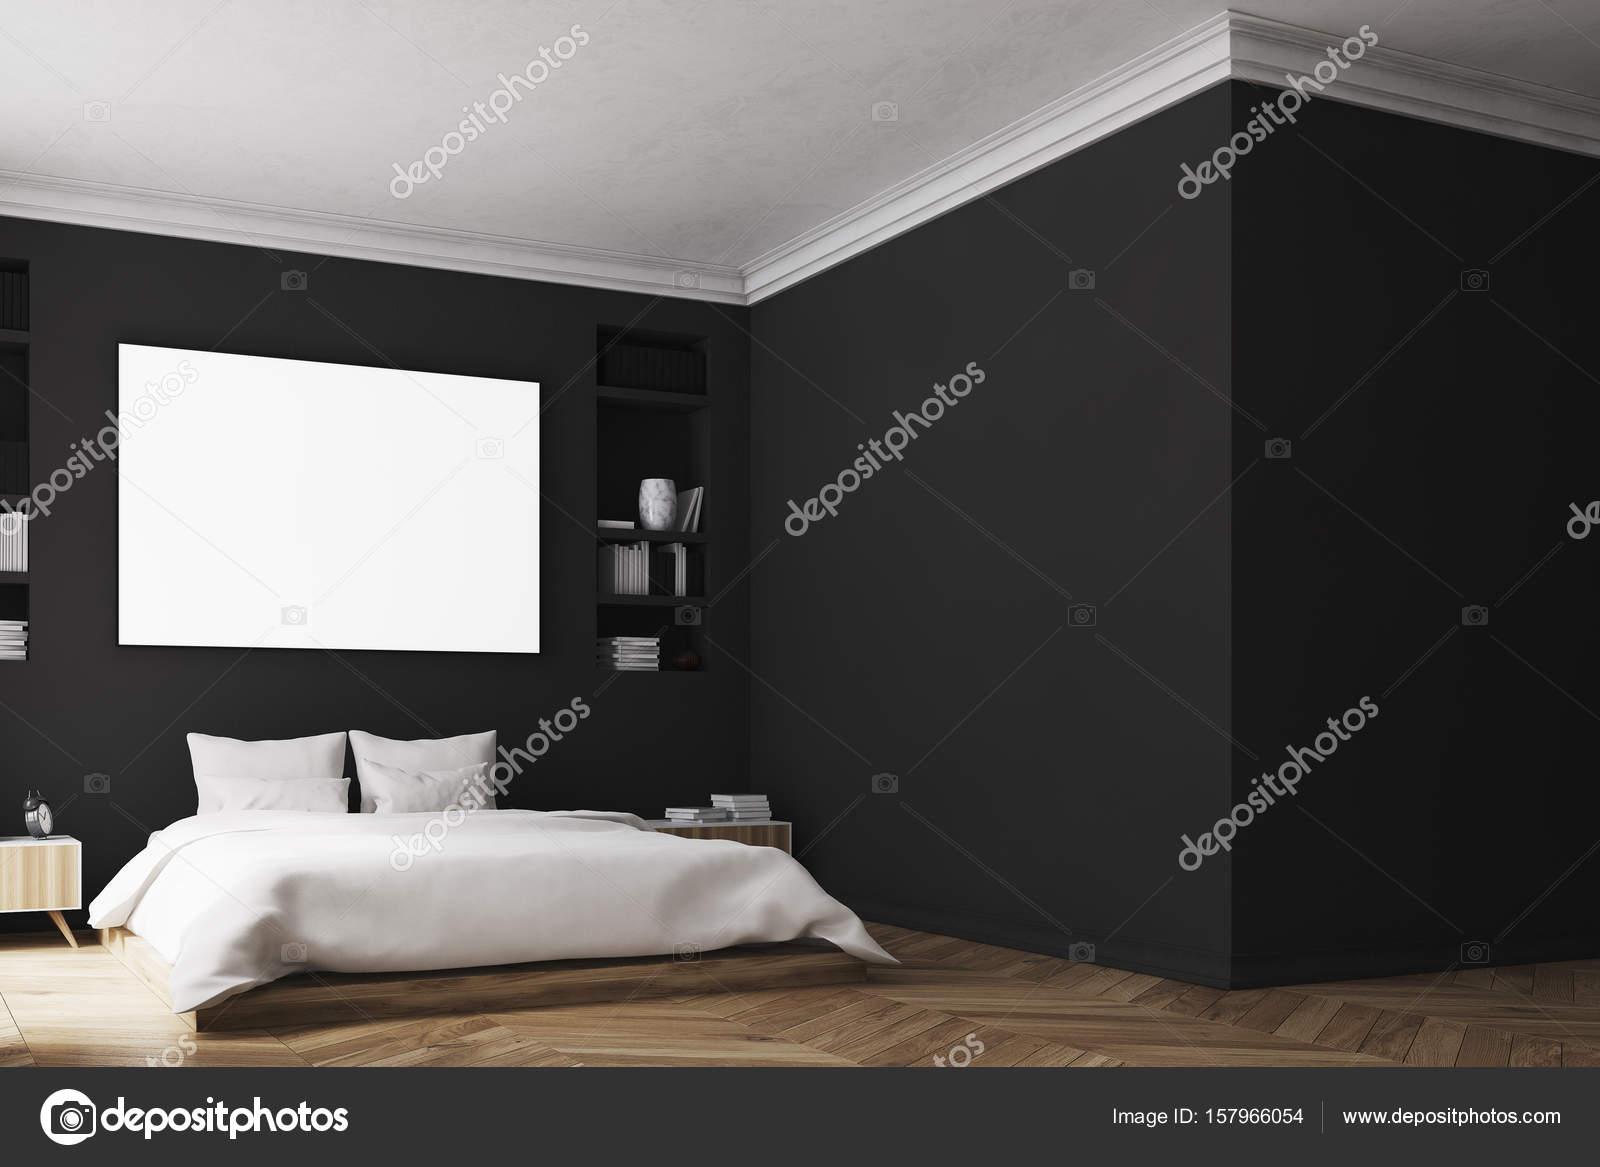 Interieur Eines Modernen Luxus Schlafzimmer Mit Schwarzen Wänden, Einem  Großen Bett In Der Mitte Des Raumes, Zwei Bücherregale Von Seinen Seiten,  ...